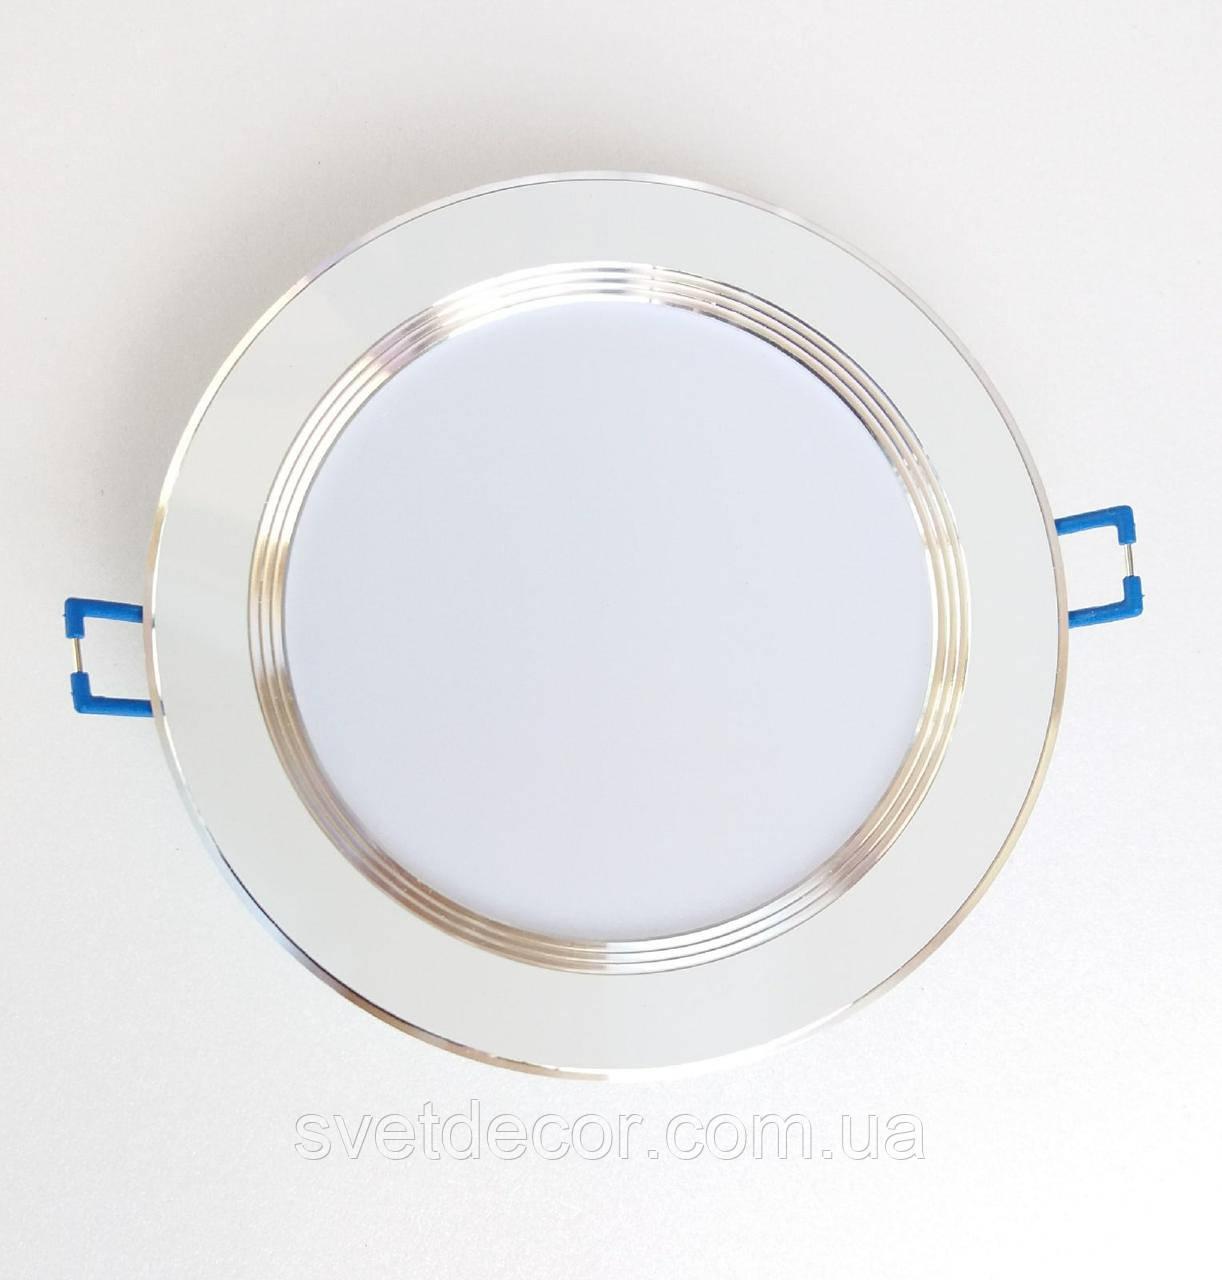 Светодиодный светильник Feron AL527 12w 4000К белый (LED панель)